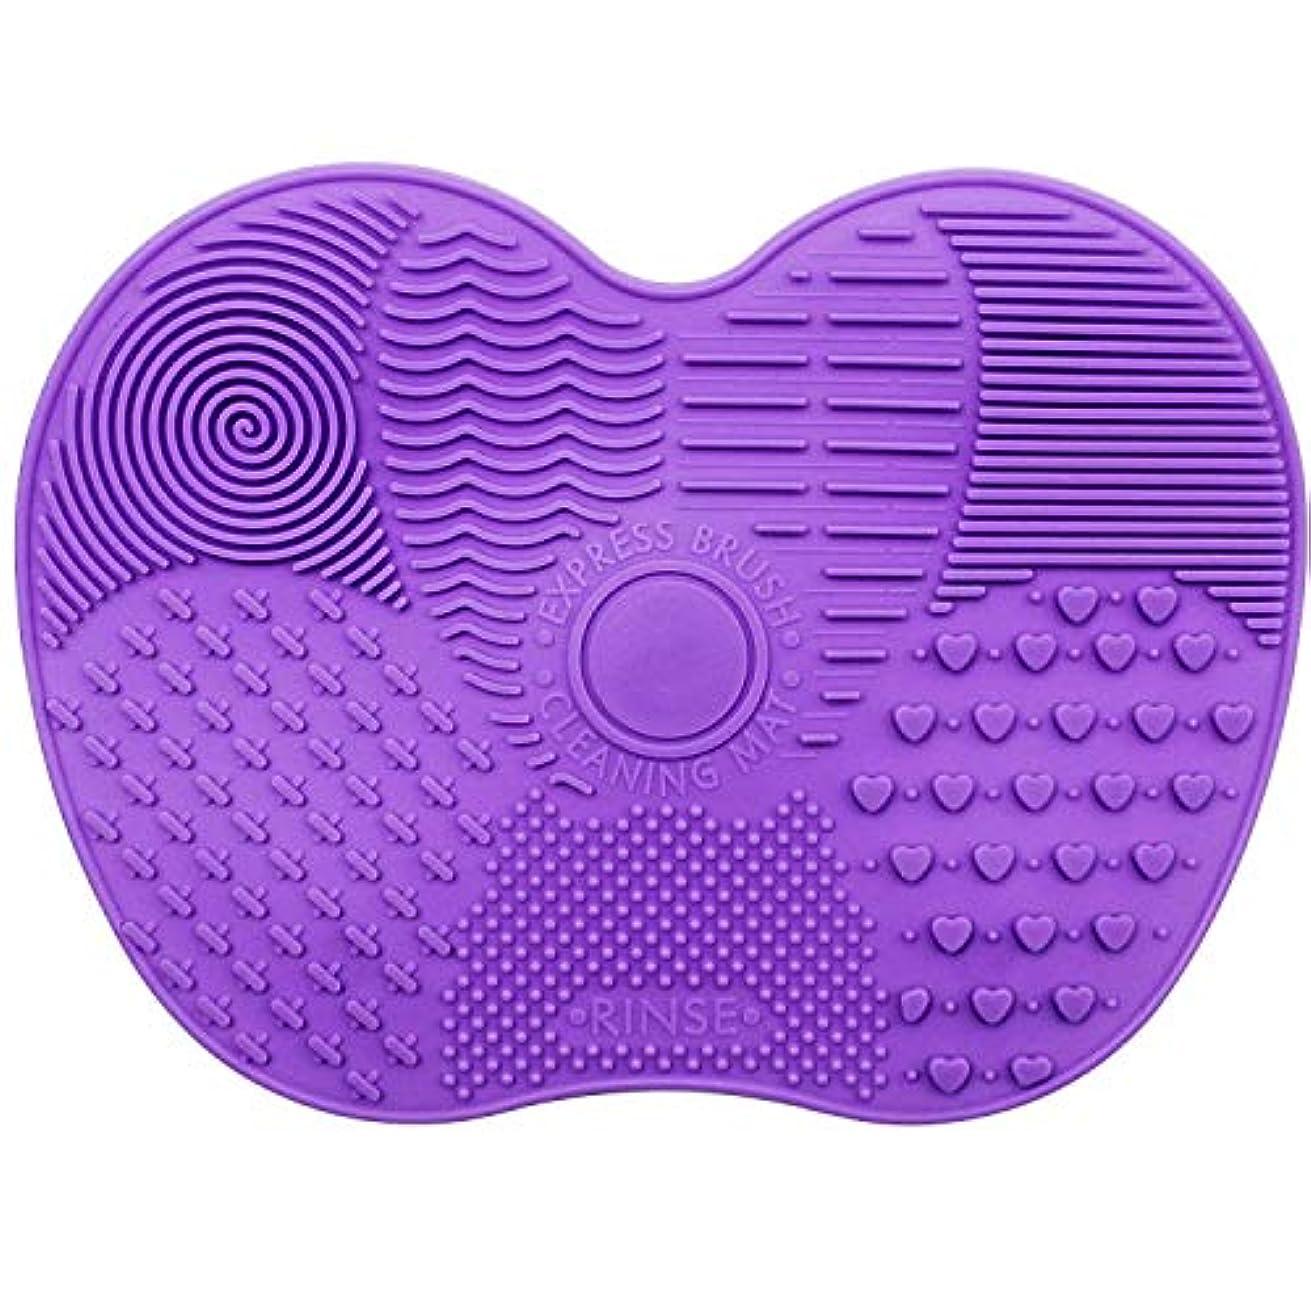 含む花輪空のPichidr-JPメイクブラシ クリーナー シリコンマット化粧 洗浄 化粧筆 筆洗い(パープル)